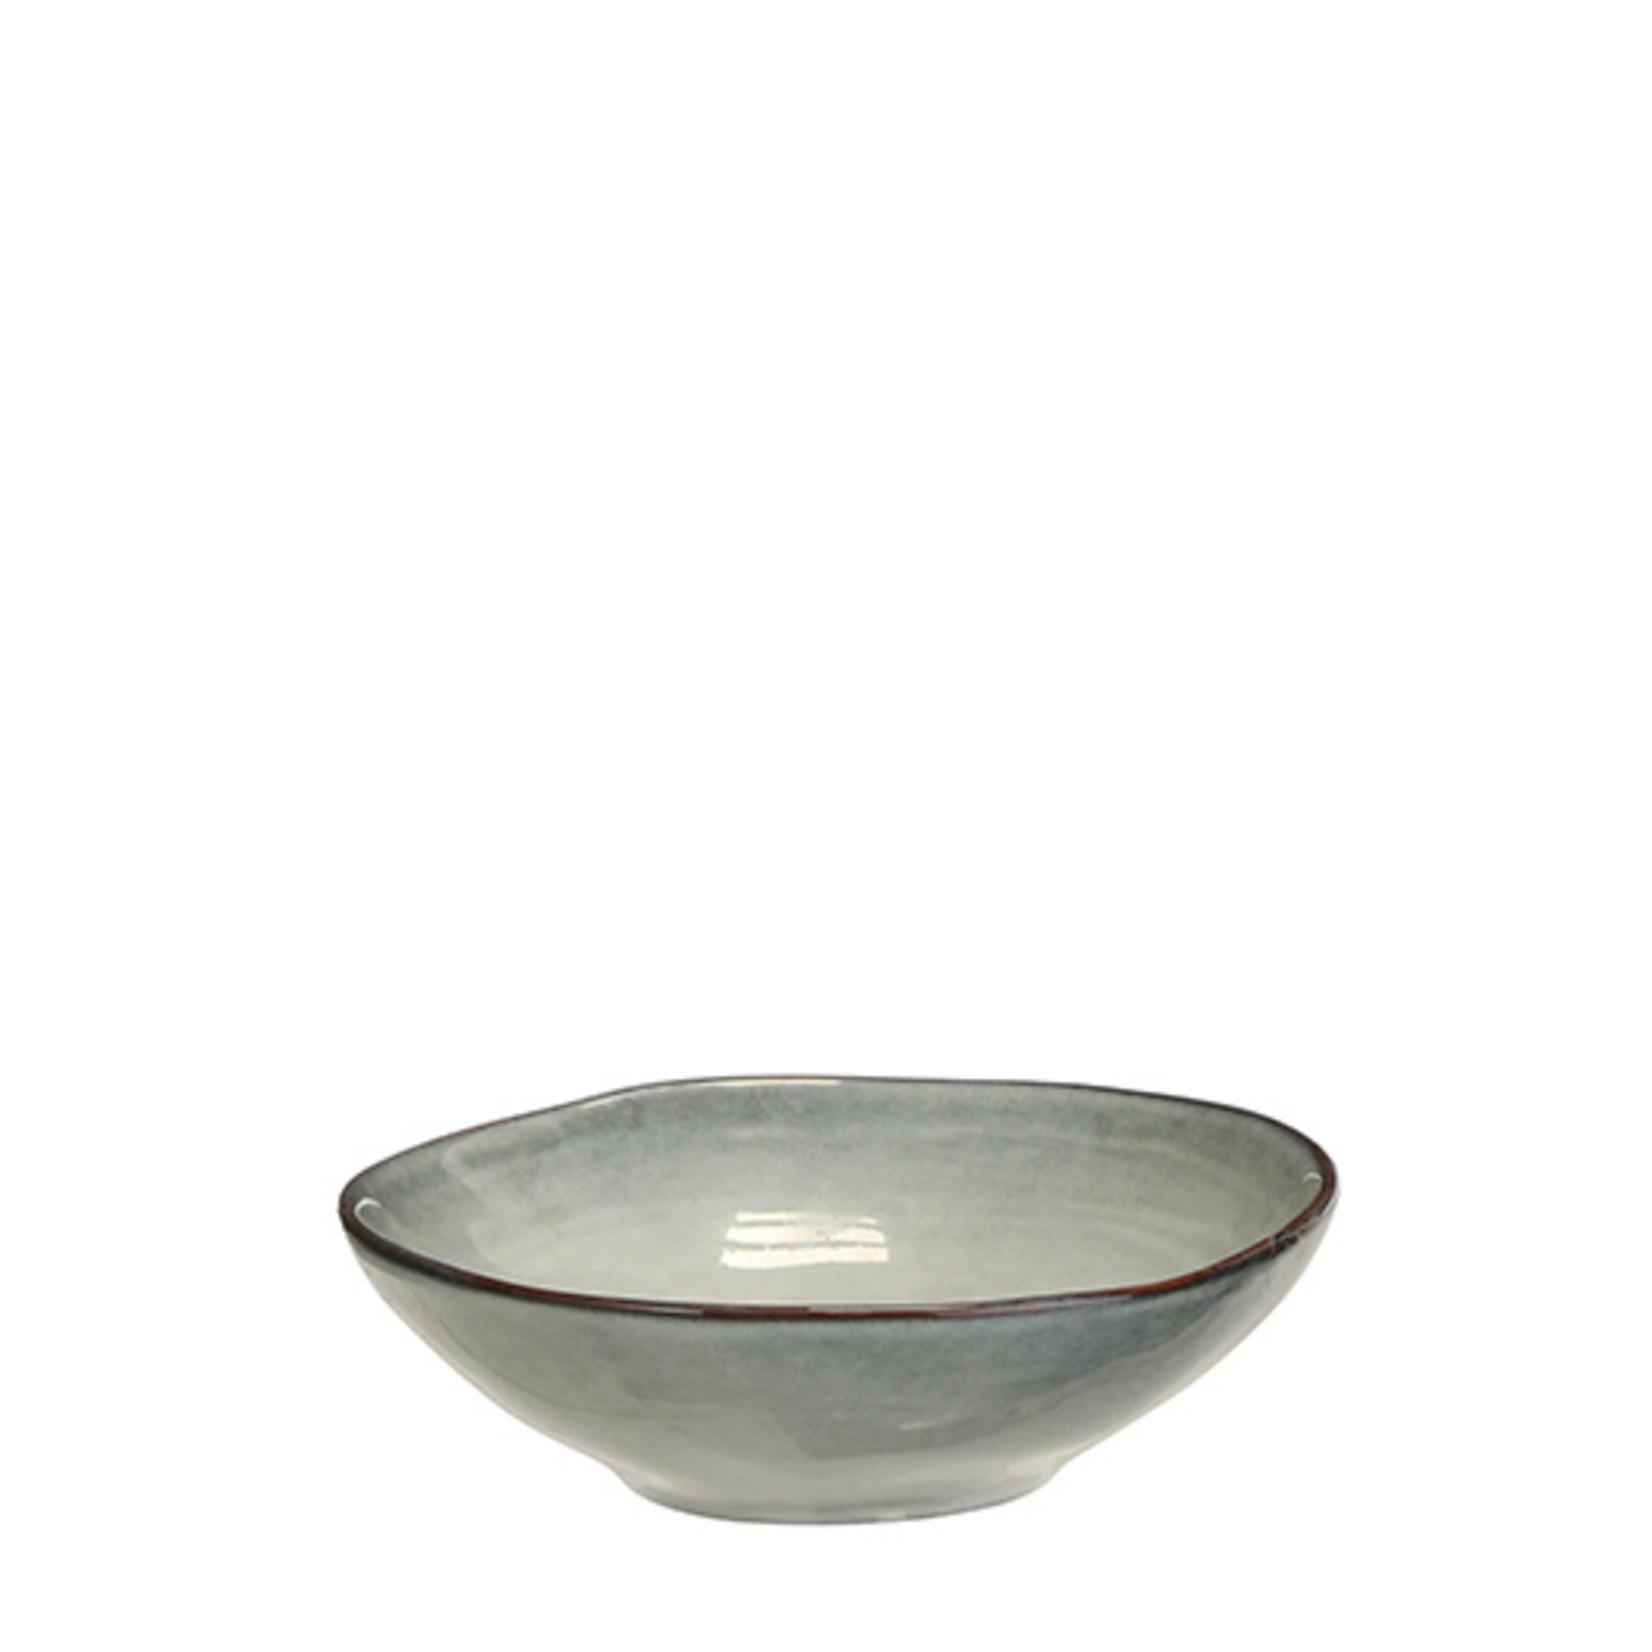 MiCa Tabo bowl grey